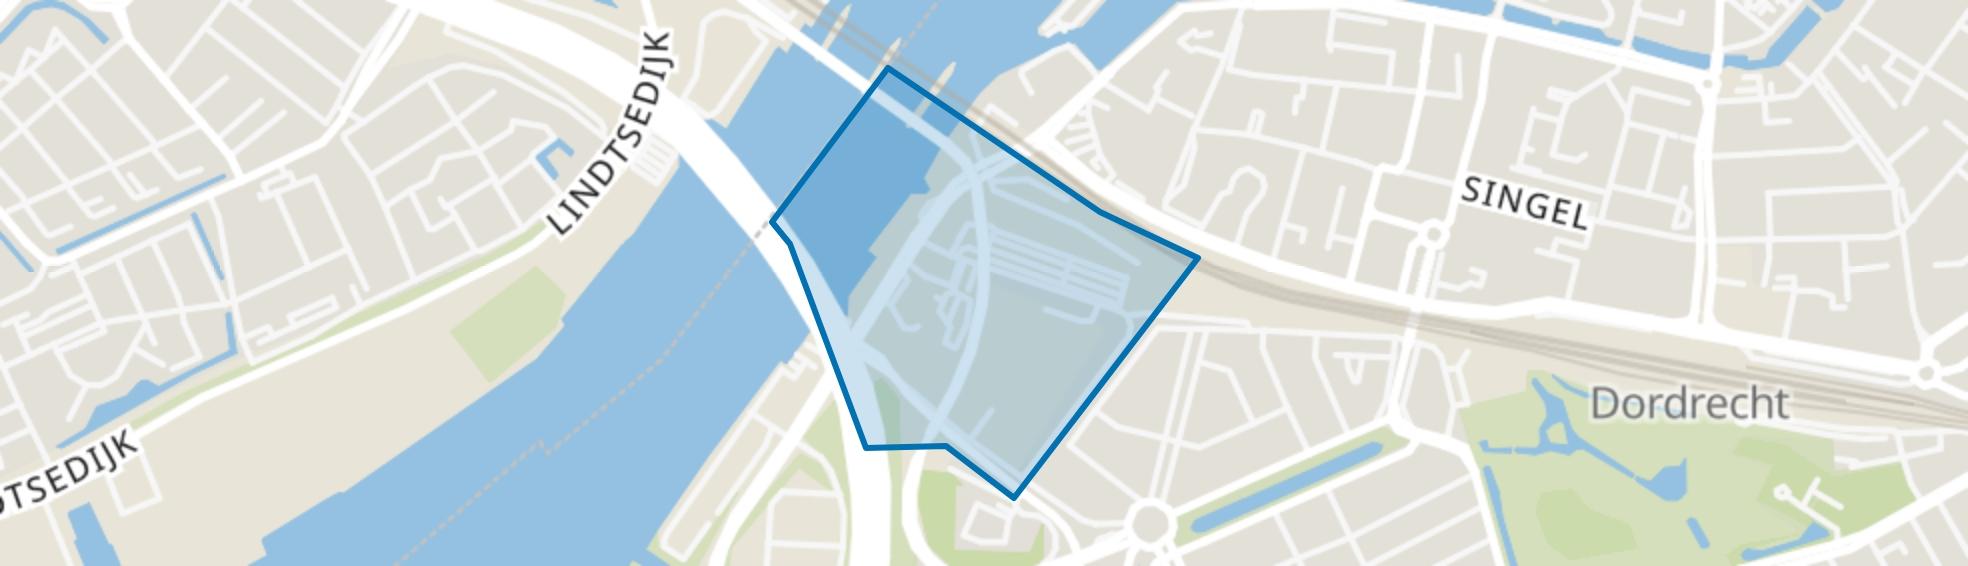 Weeskinderendijk en Dokweg, Dordrecht map